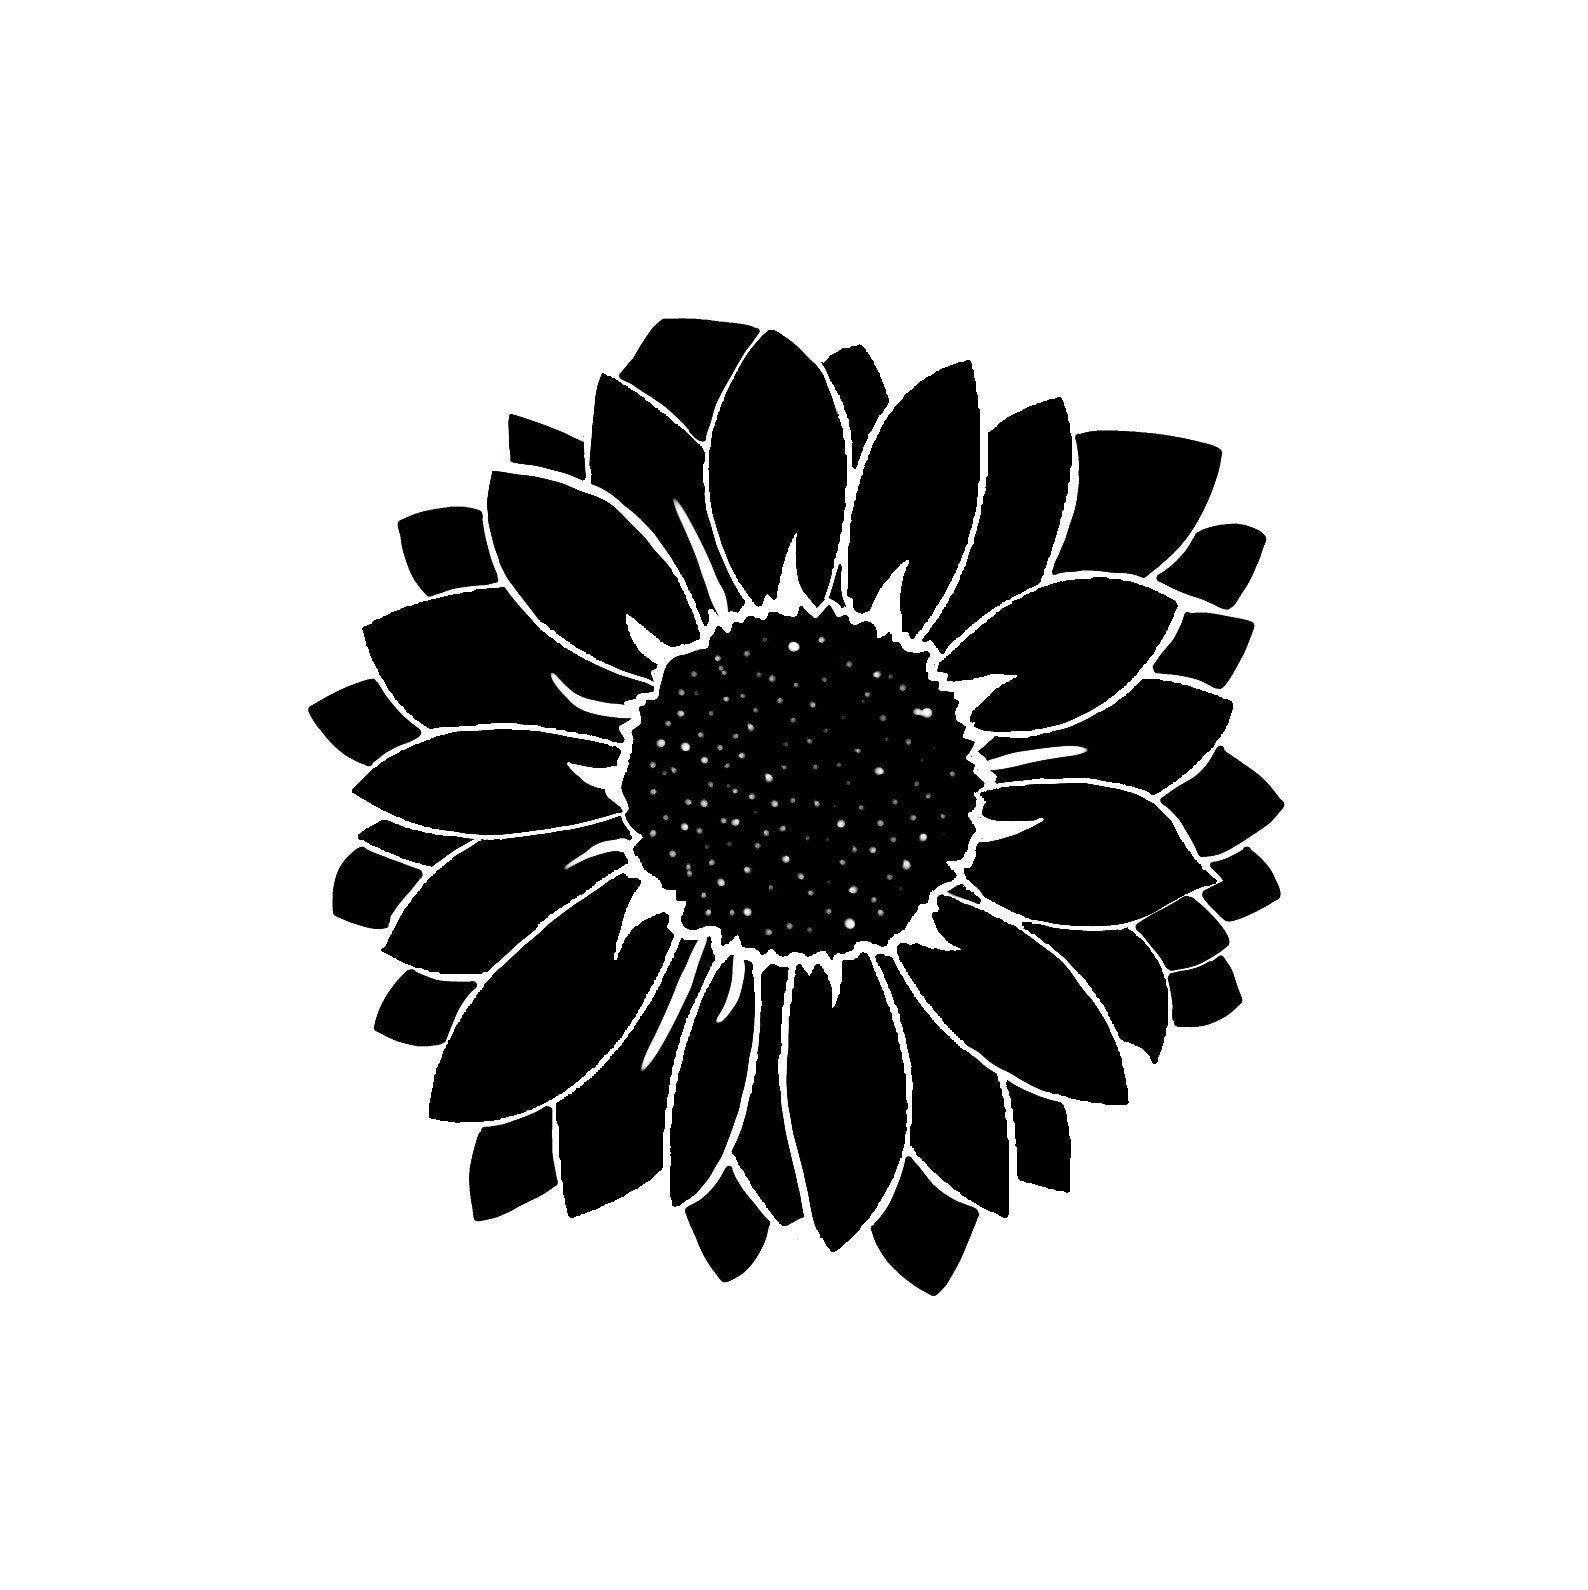 Sunflower Decal Decal Vinyl Sticker Sun Flower Decal By Creativartshop On Etsy Vinyl Sticker Vinyl Decals [ 1590 x 1588 Pixel ]